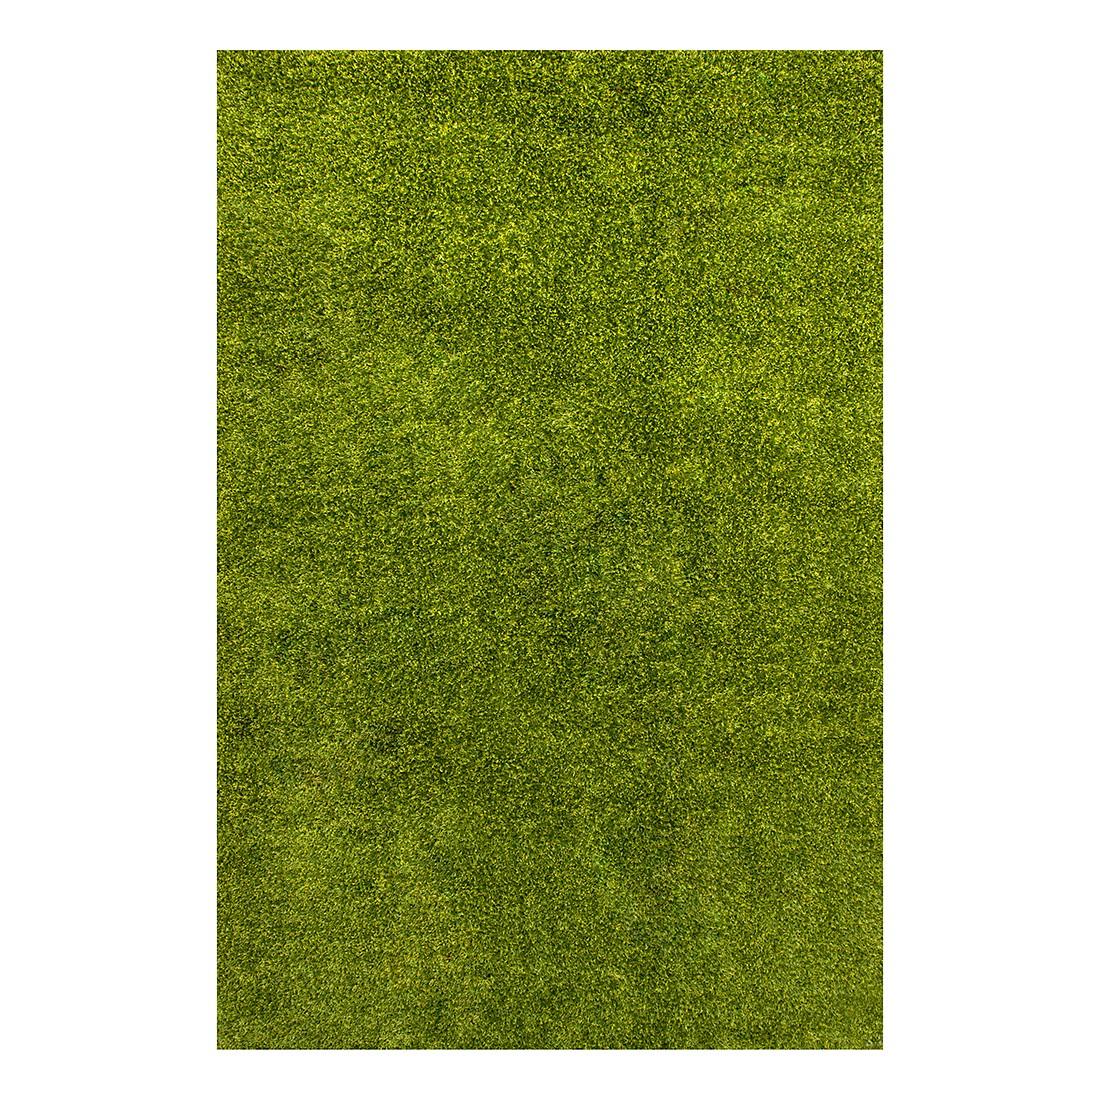 Teppich Harmonie – Grün – 80 x 150 cm, Obsession bestellen